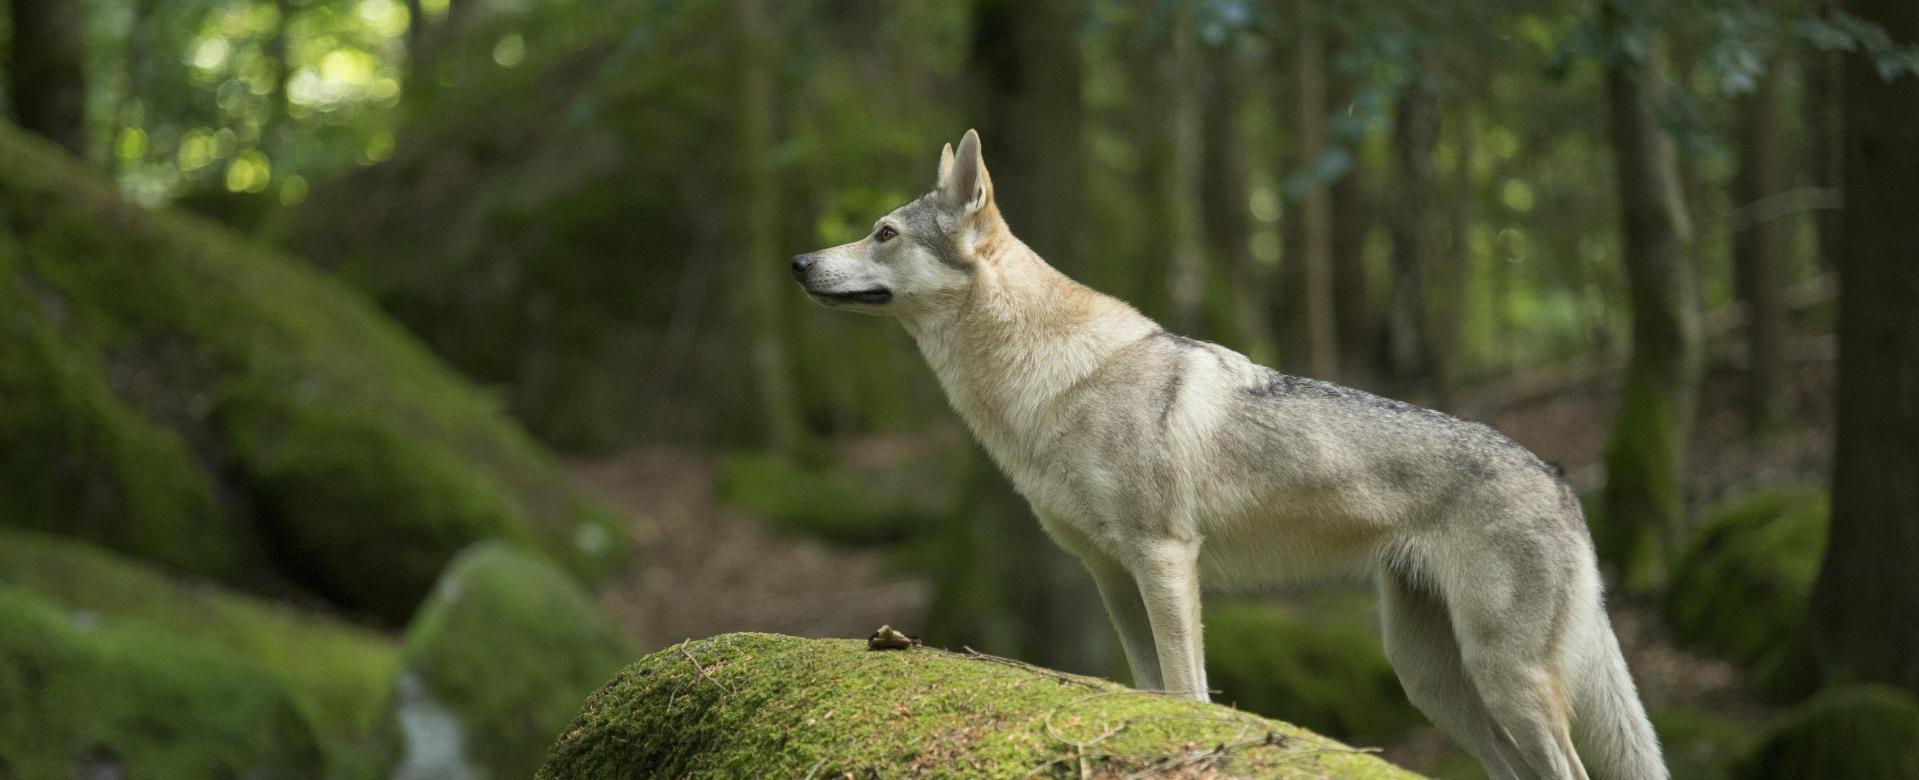 Voyage sur l'eau : Entre lacs et loups en mercantour